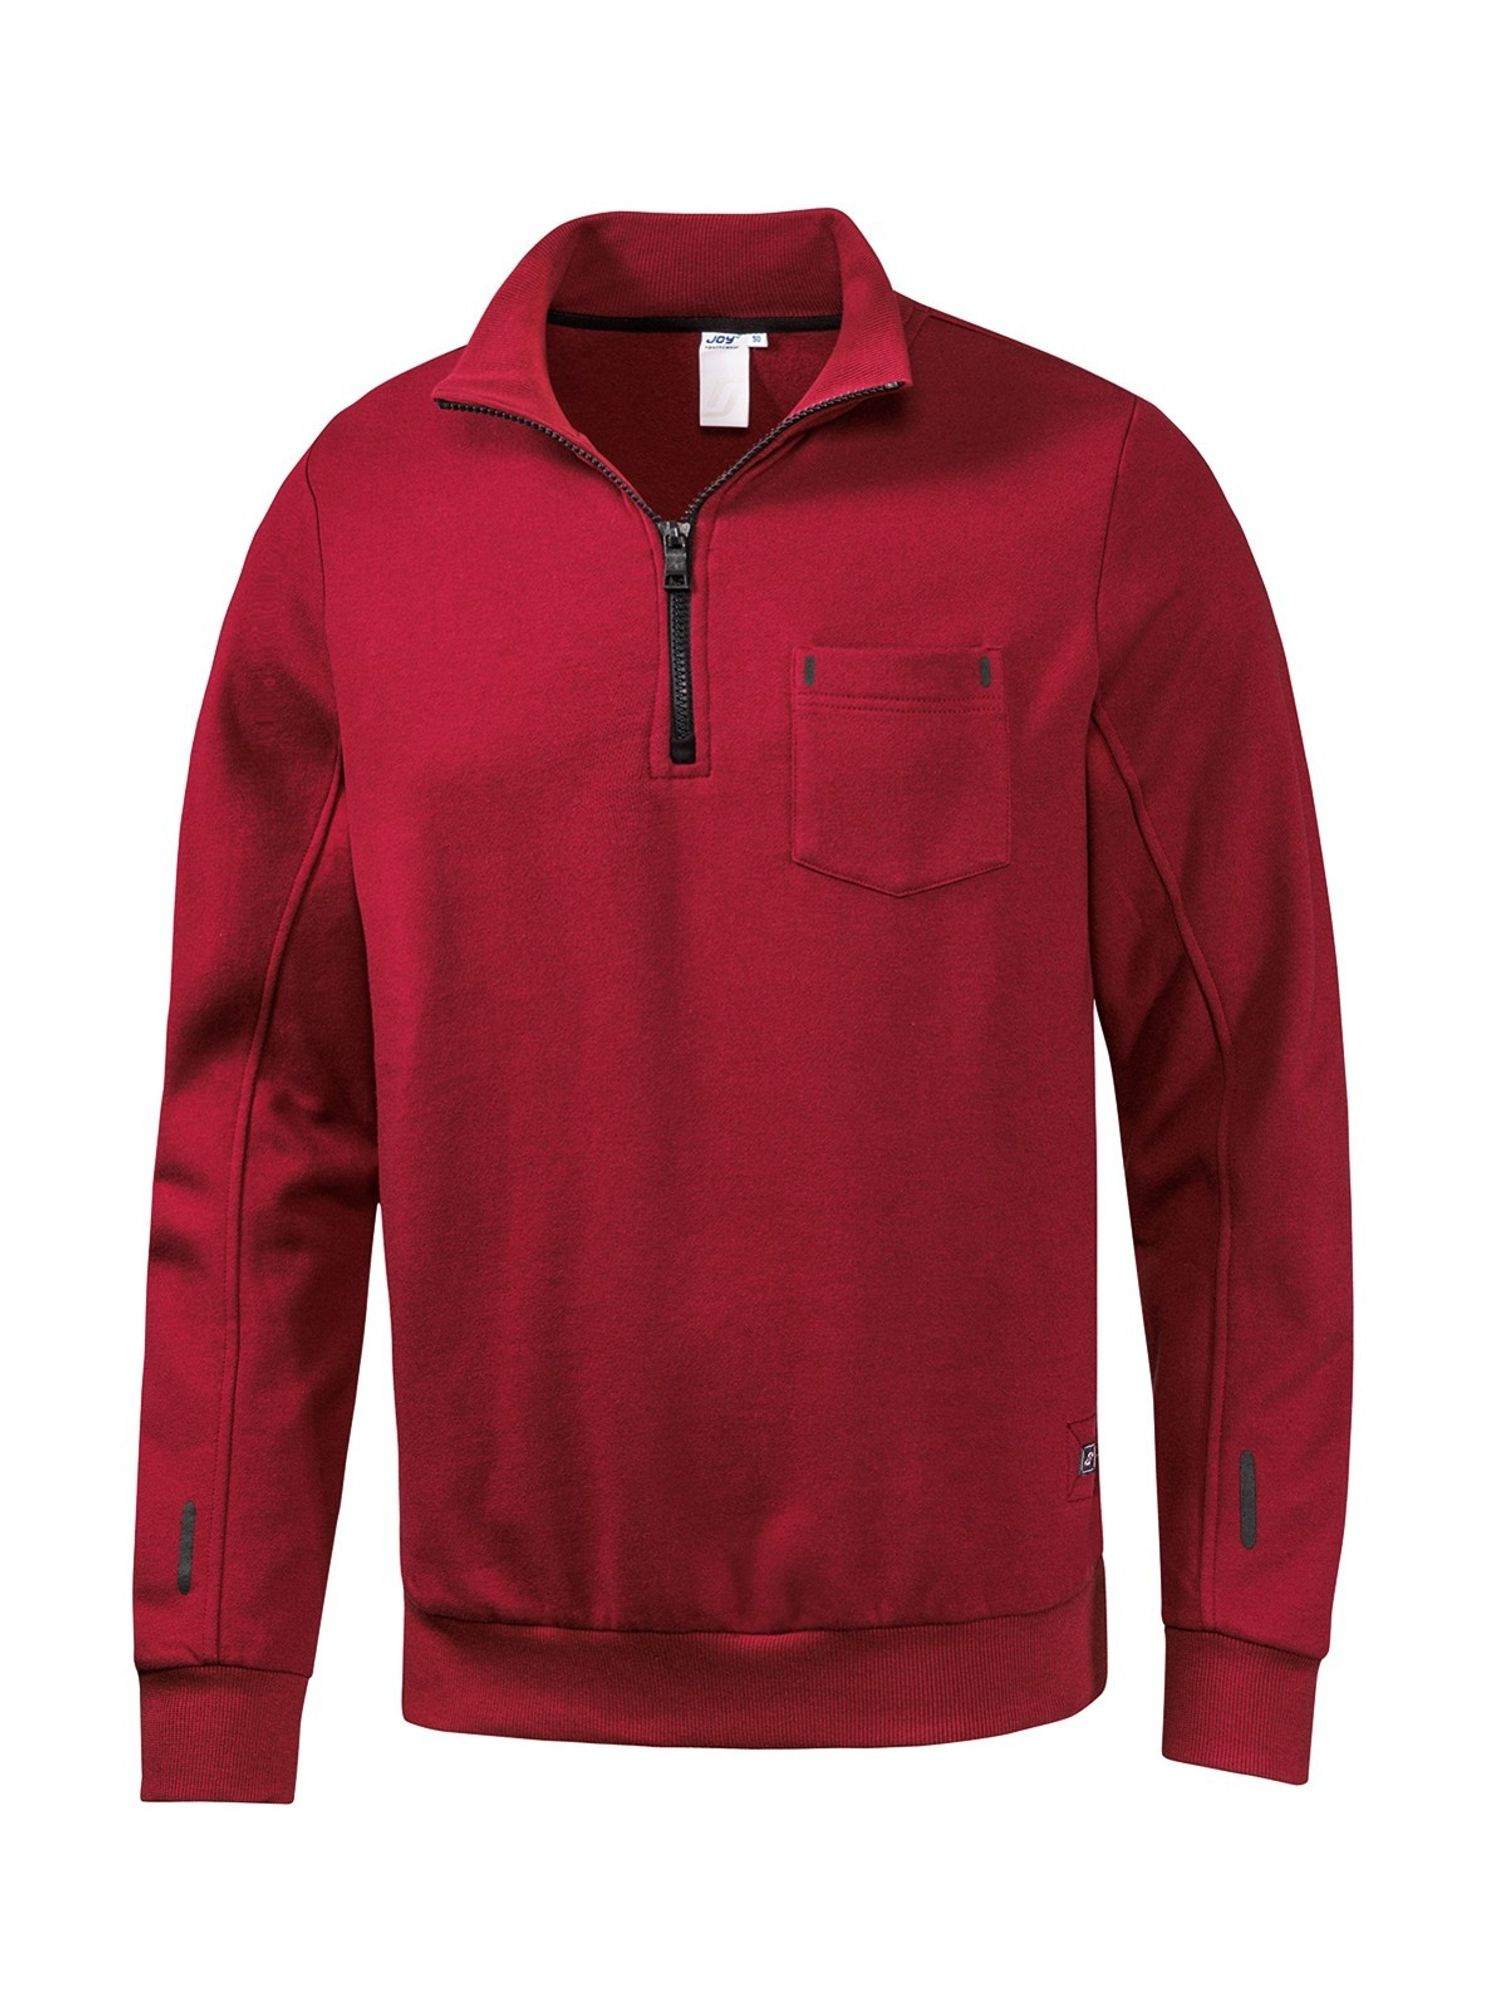 bester Ort für Modestil billig für Rabatt Joy - Herren Sport und Freizeit Sweatshirt mit Brusttasche, Julian (40227A)